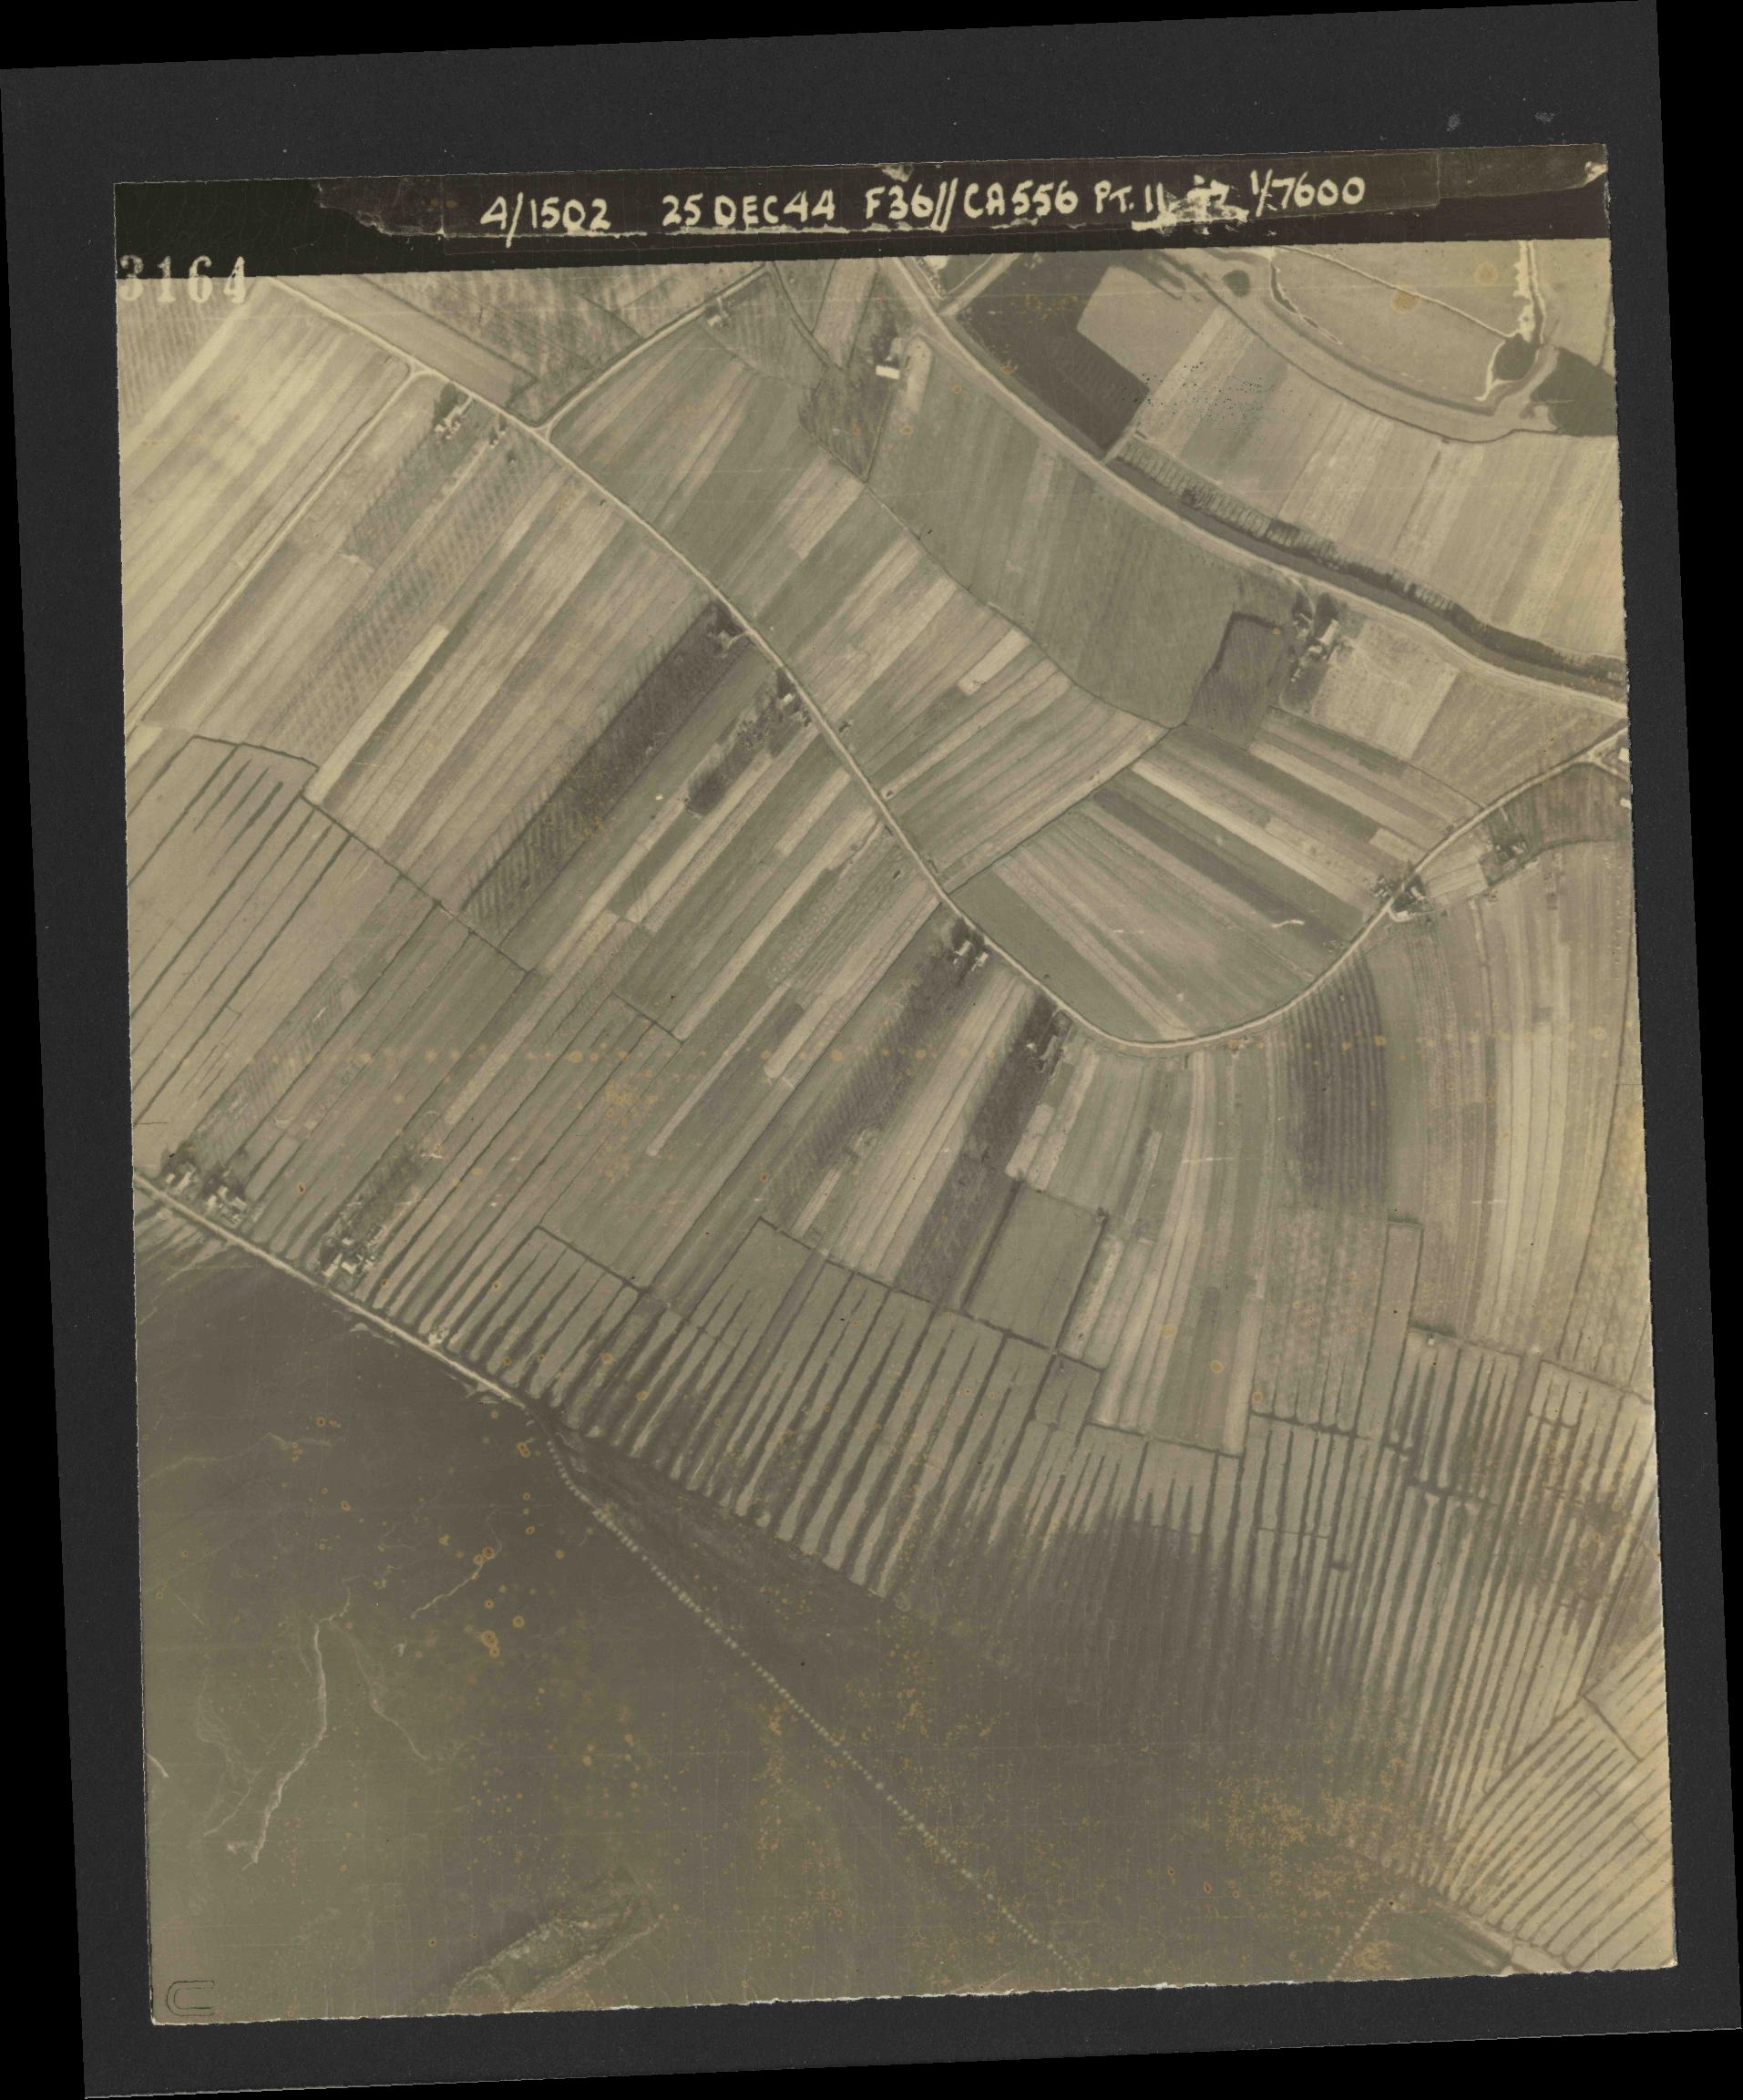 Collection RAF aerial photos 1940-1945 - flight 306, run 06, photo 3164